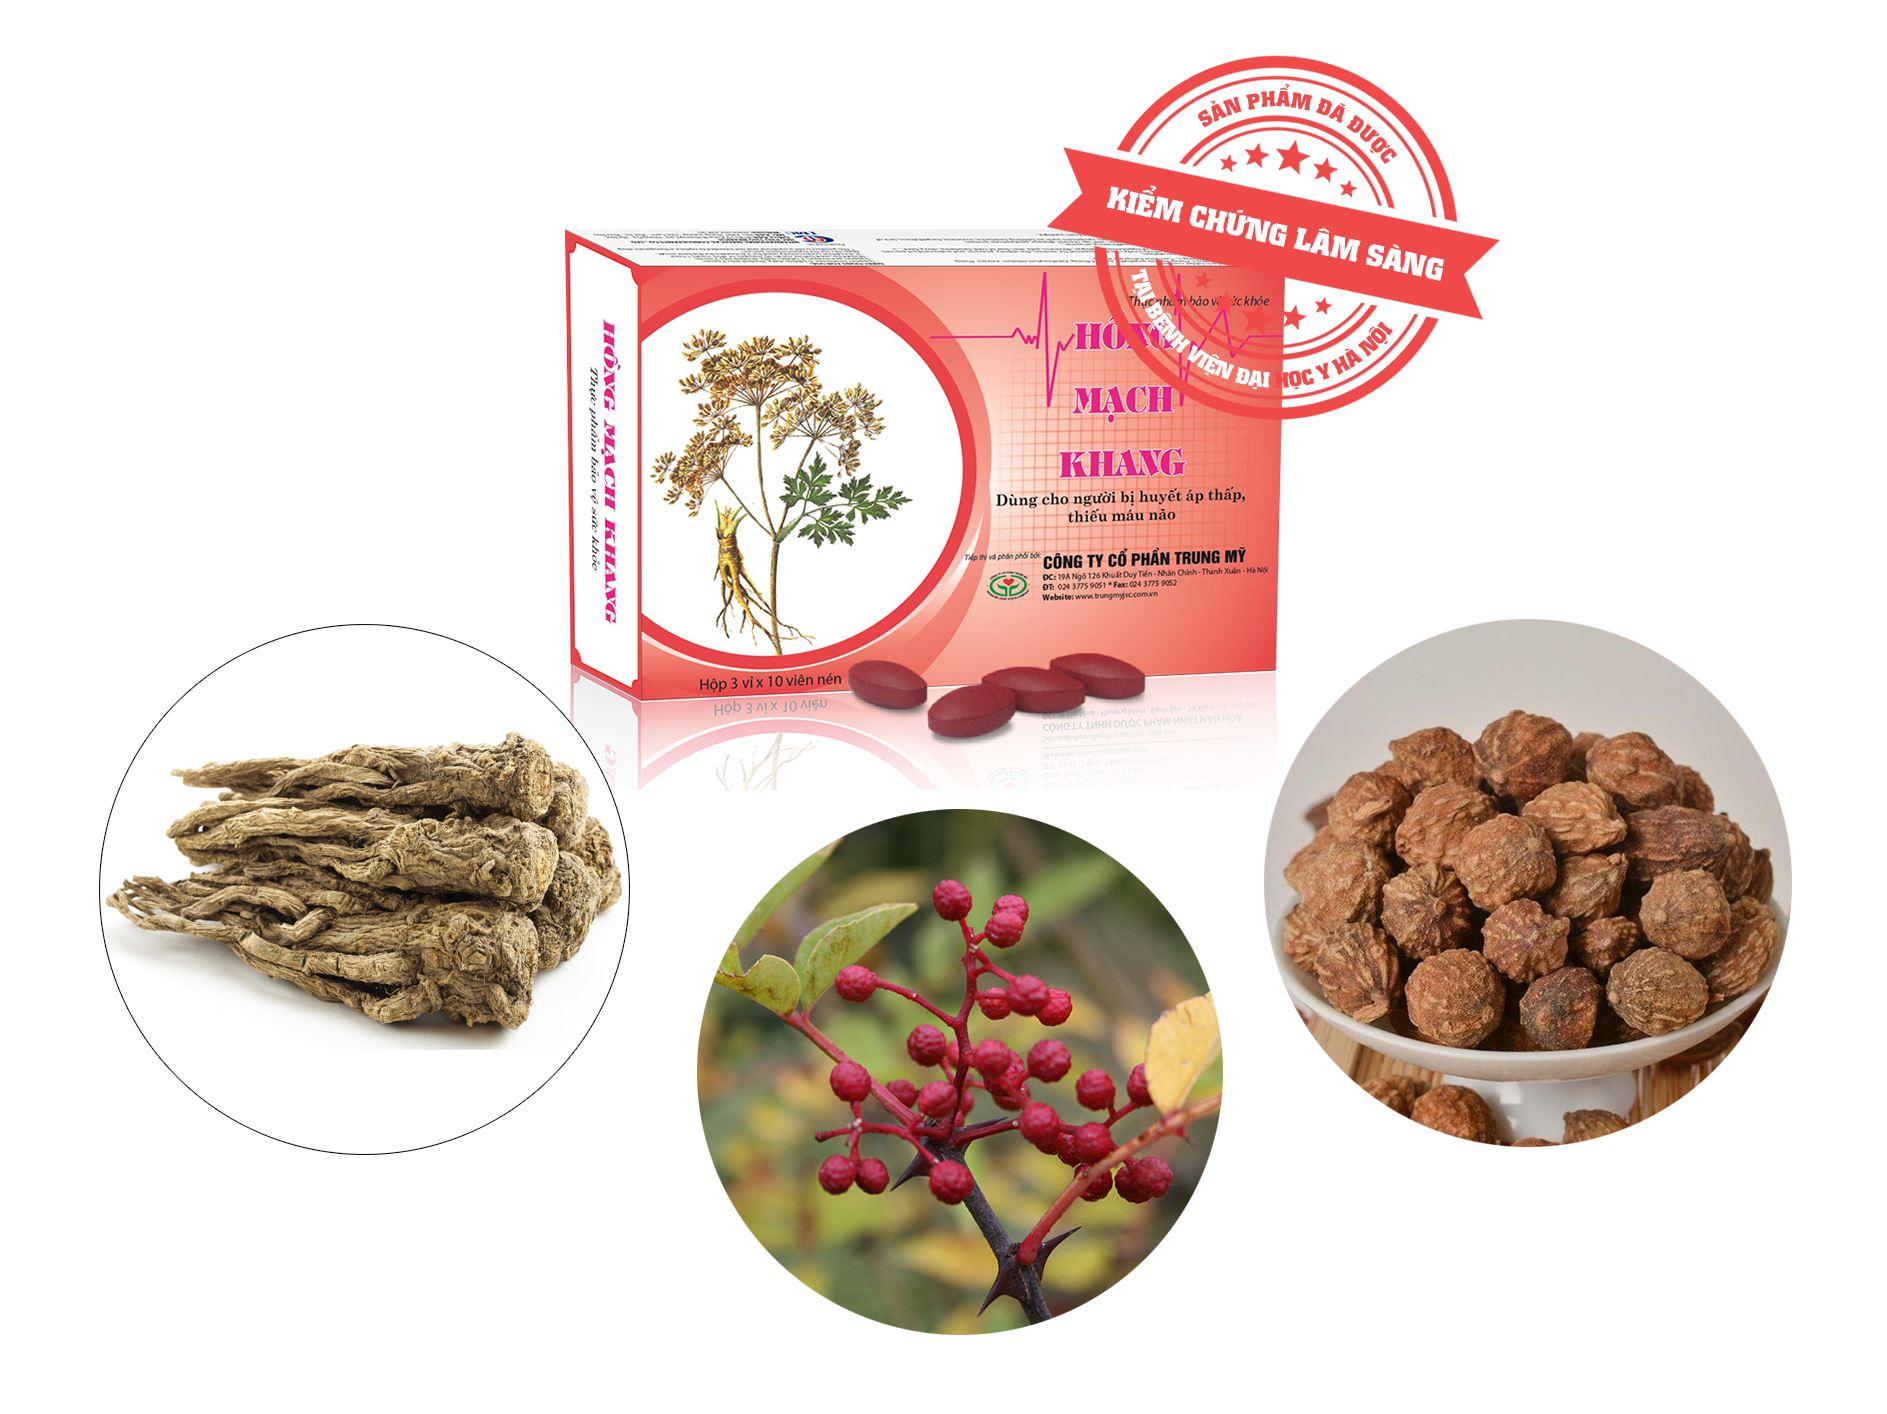 Hồng Mạch Khang – Viên uống thảo dược dành cho người thiếu máu não